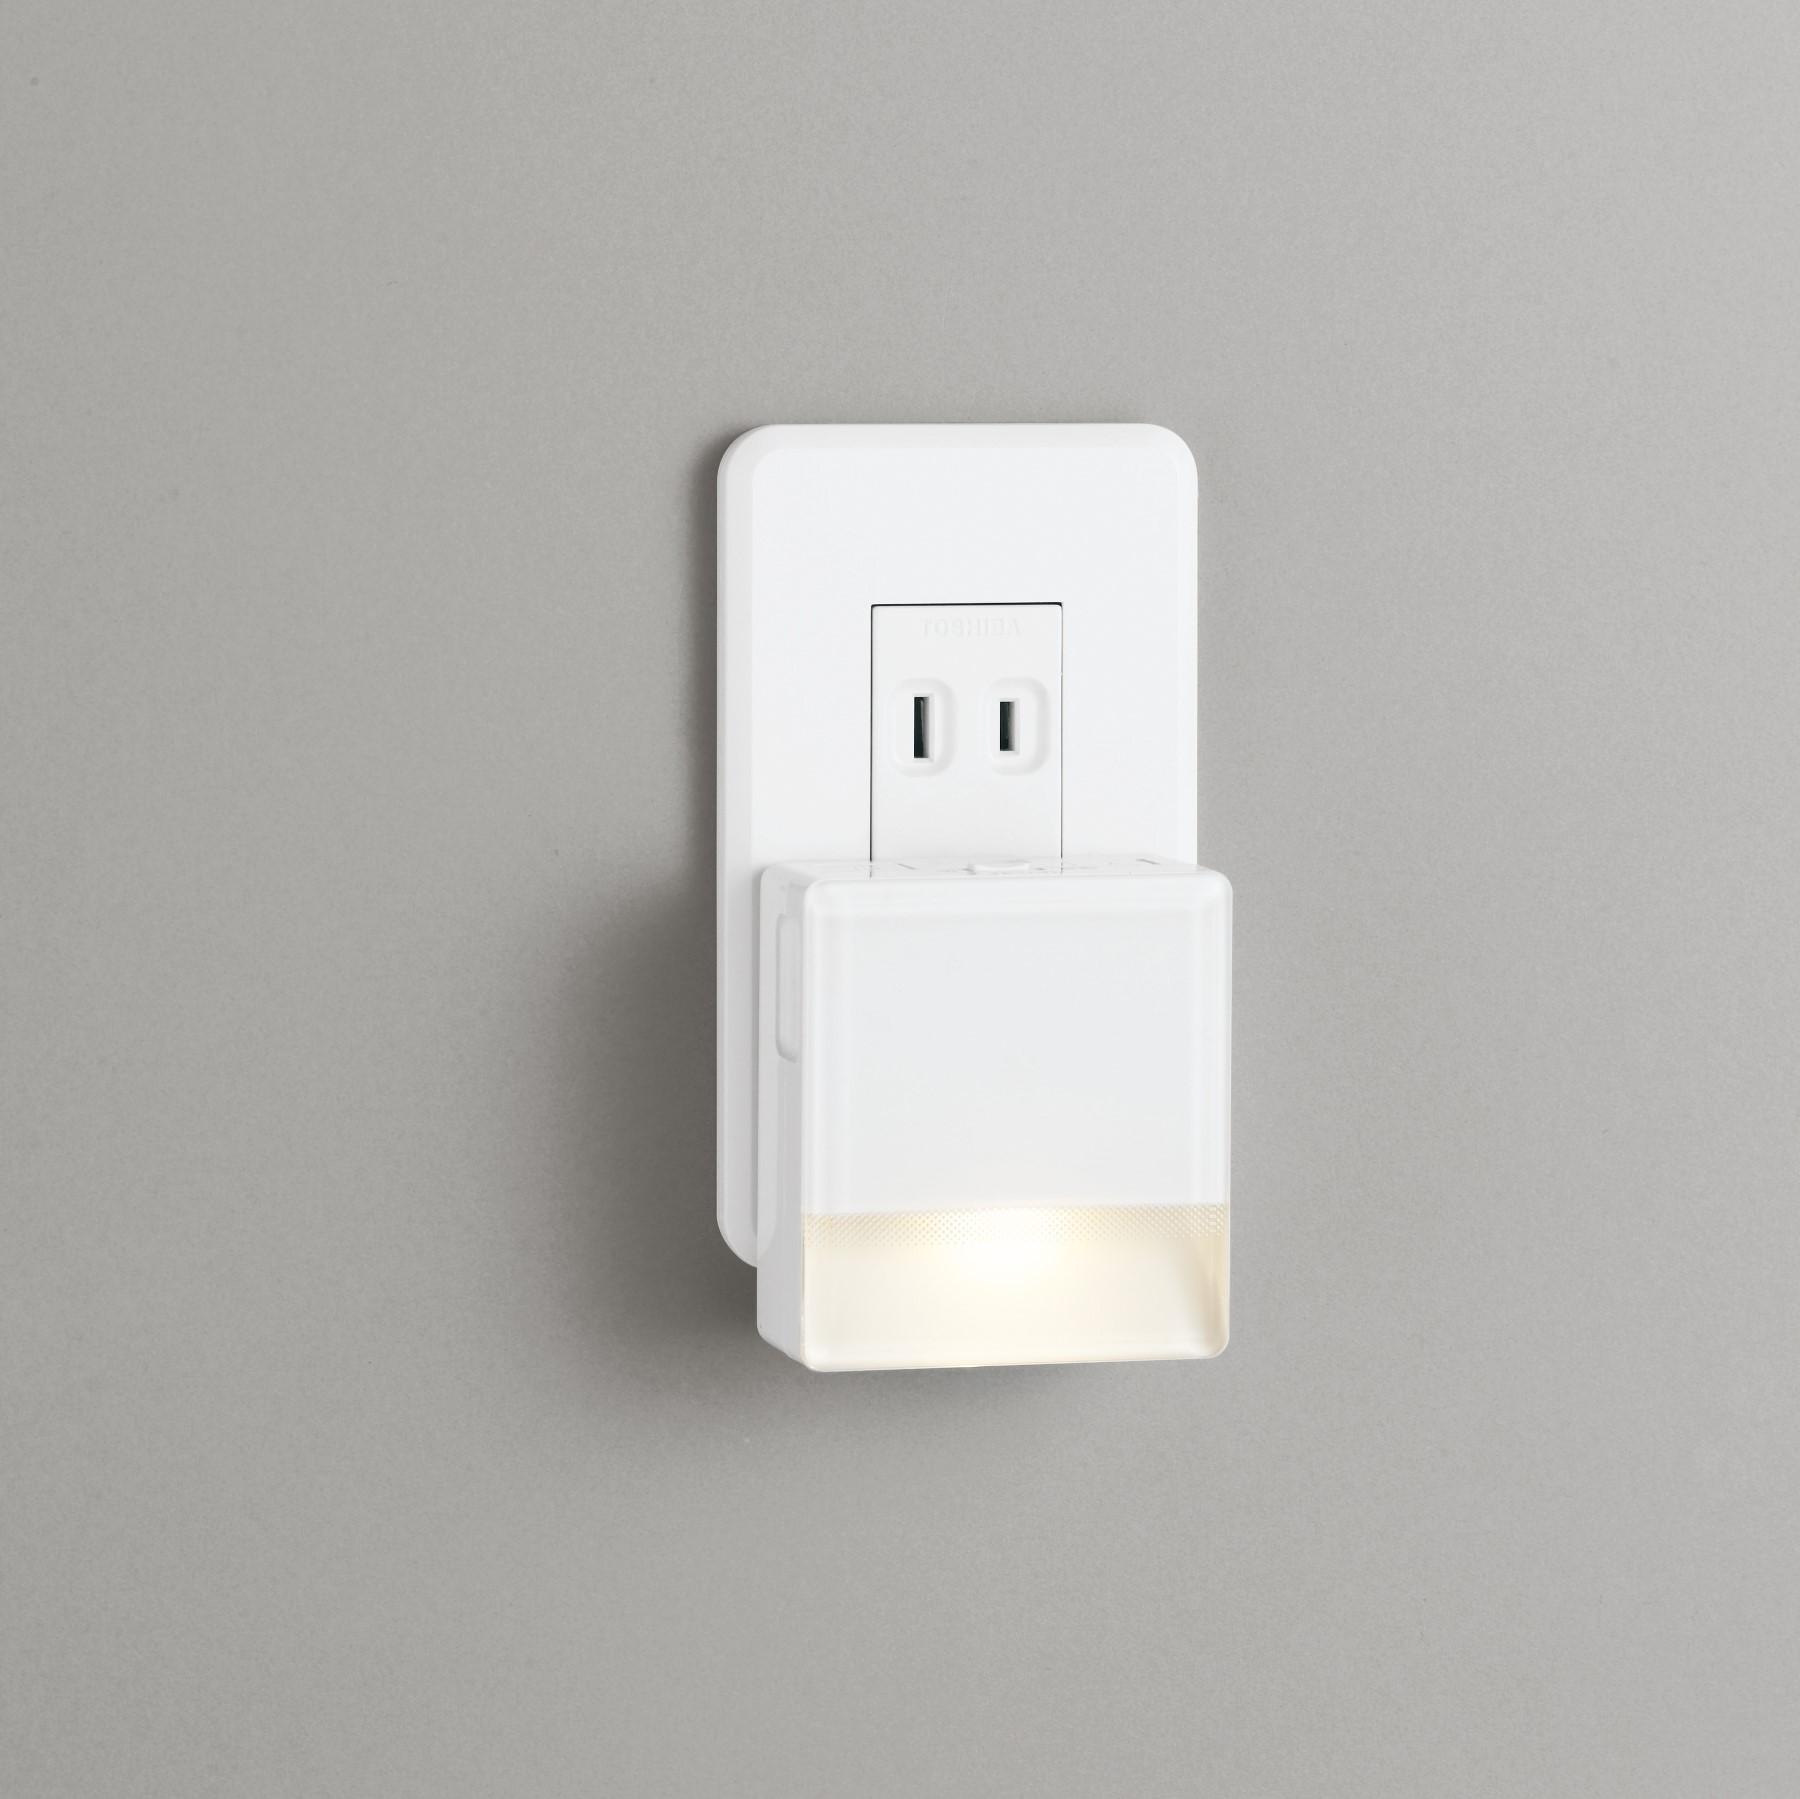 オーデリック 停電感知保安灯 OA253383 O-0212